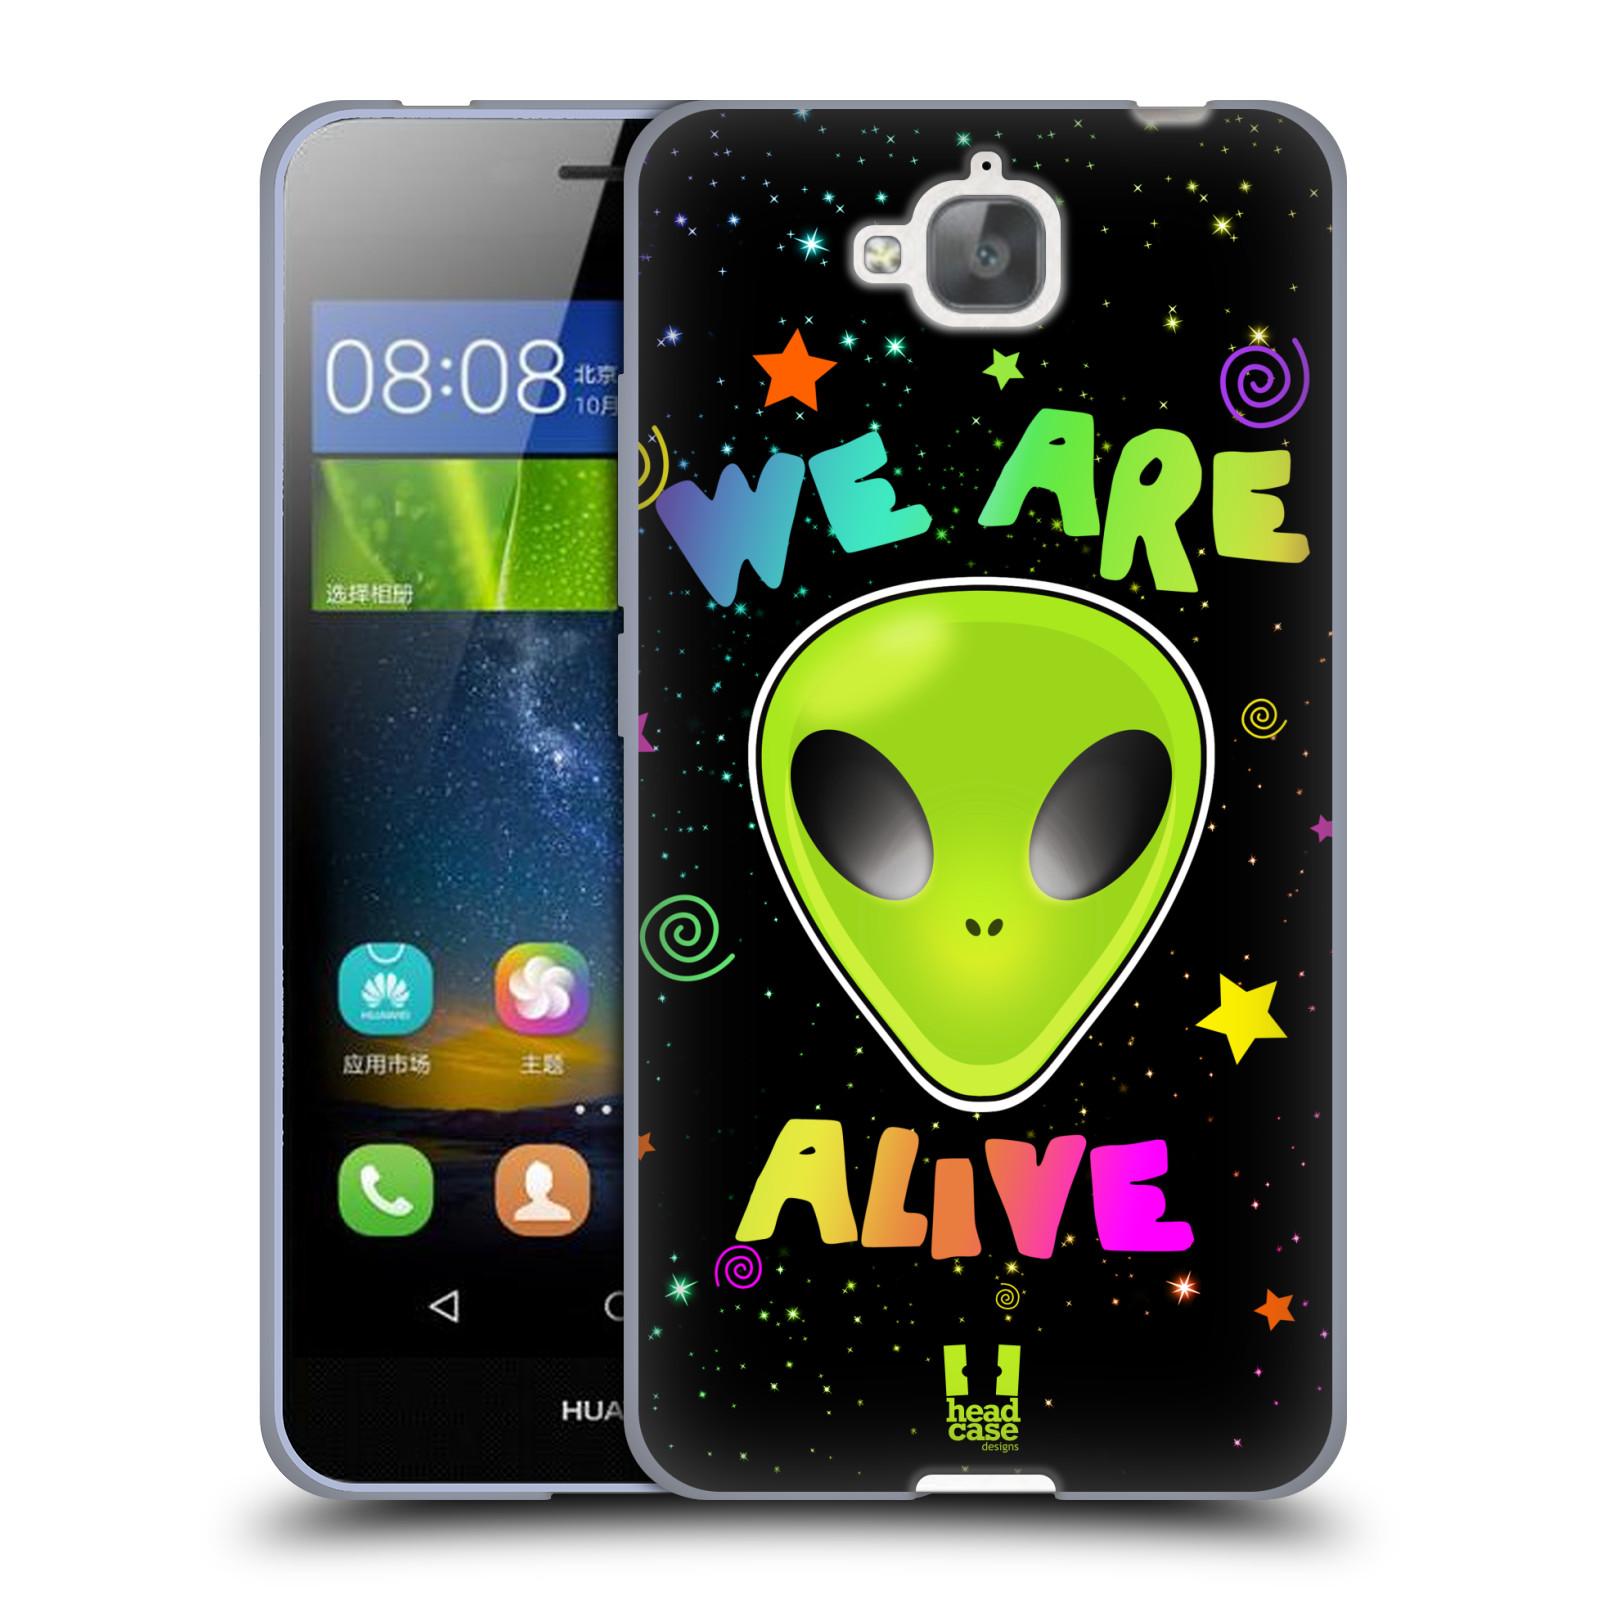 Silikonové pouzdro na mobil Huawei Y6 Pro Dual Sim HEAD CASE ALIENS ALIVE